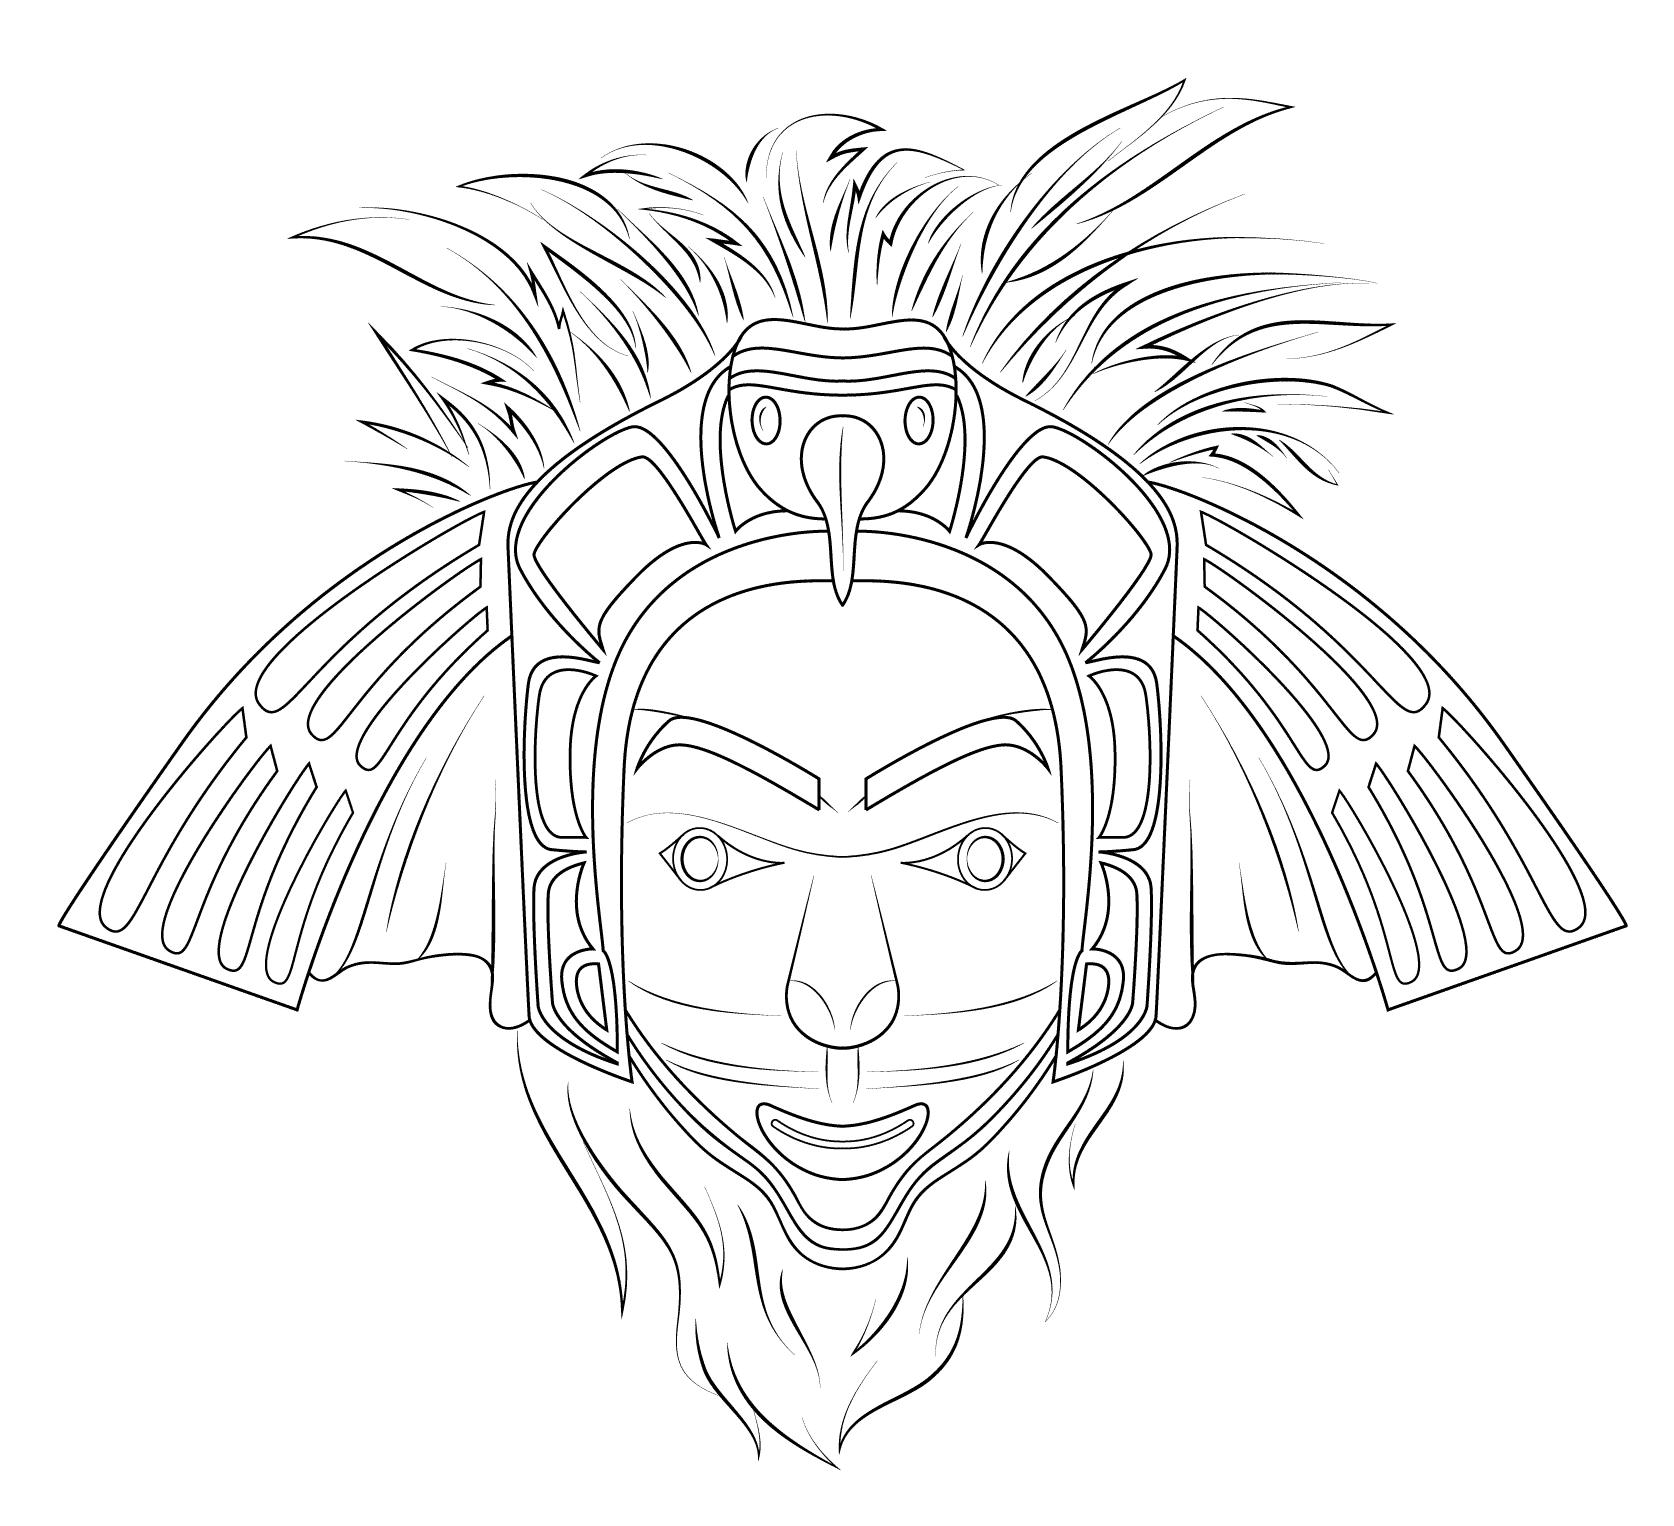 Desenho de m scara de nativo americano para colorir - Fogli da colorare nativo americano ...